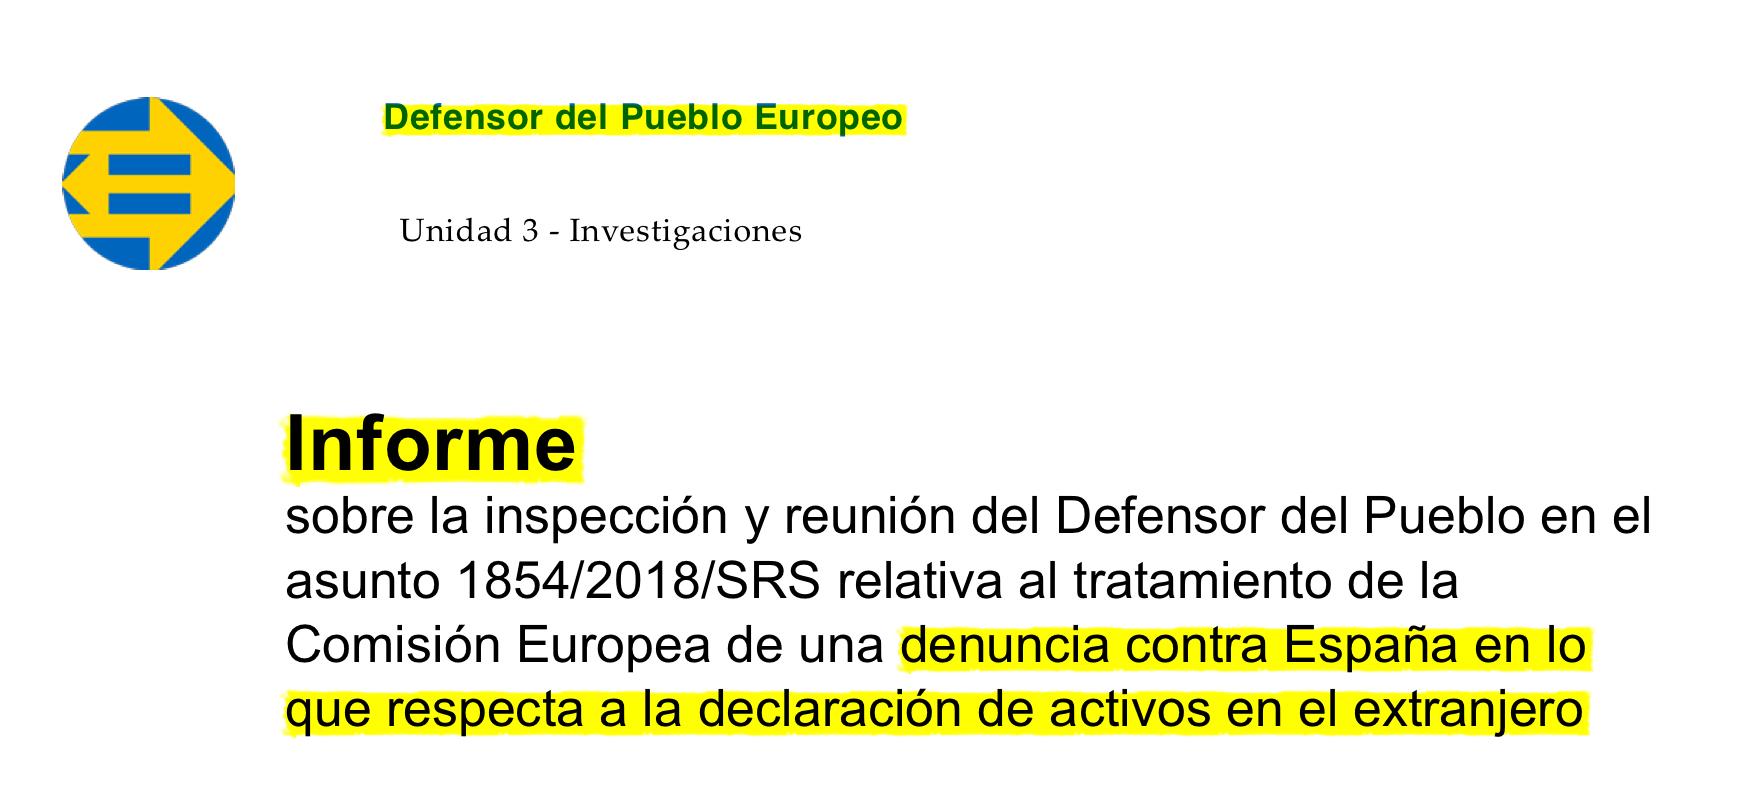 INFORME DEL DEFENSOR DEL PUEBLO EUROPEO SOBRE EL MODELO 720